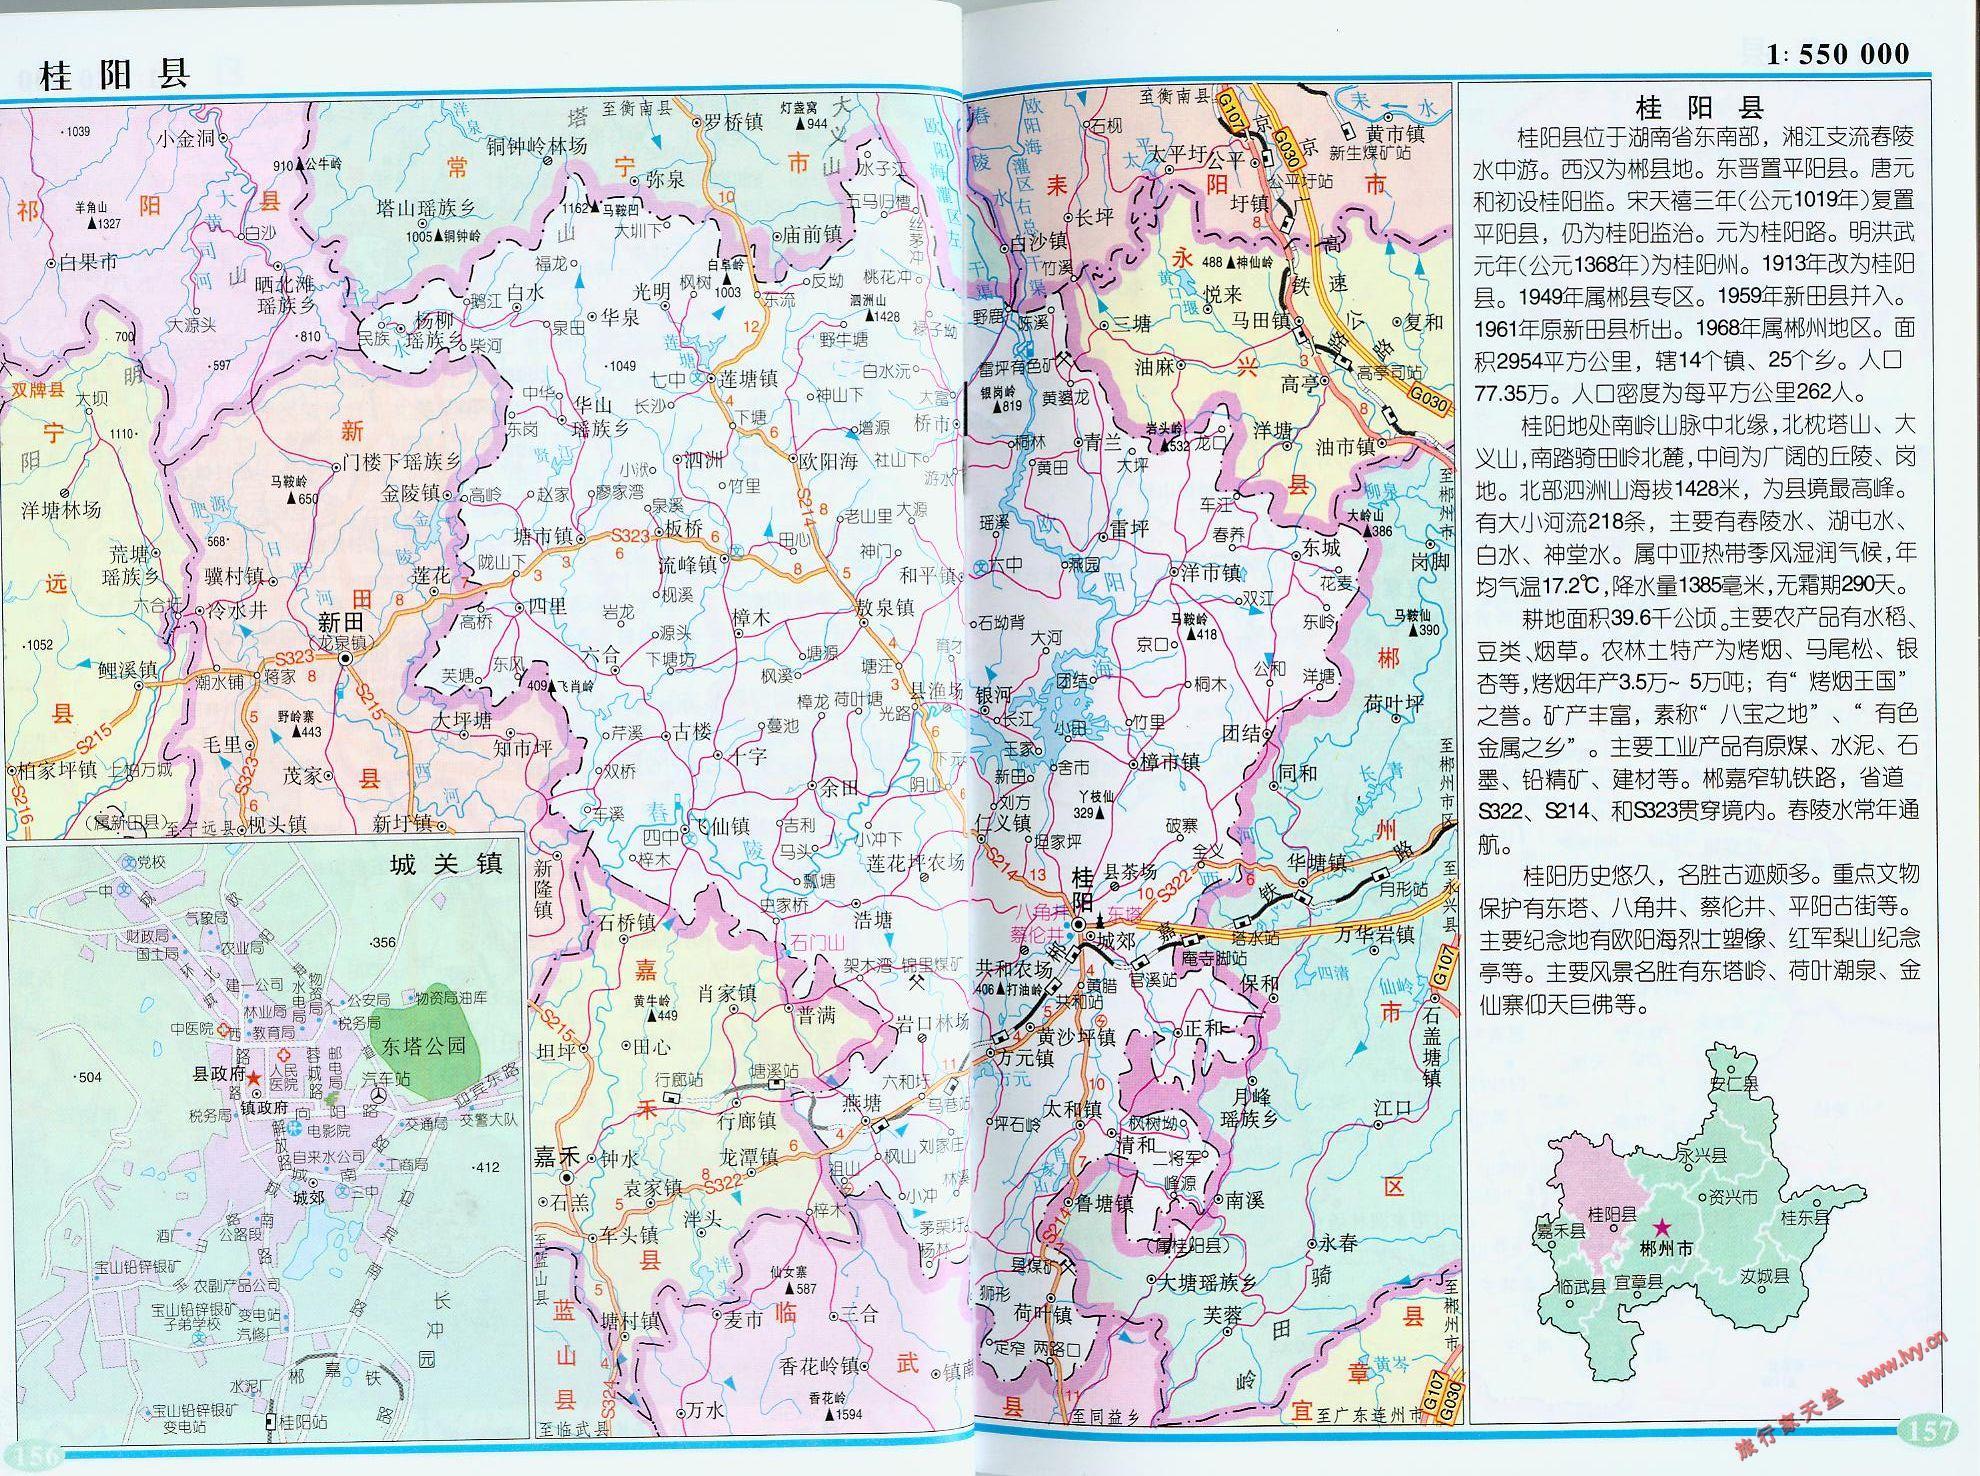 地图窝 中国 湖南 郴州  (长按地图可以放大,保存,分享)图片